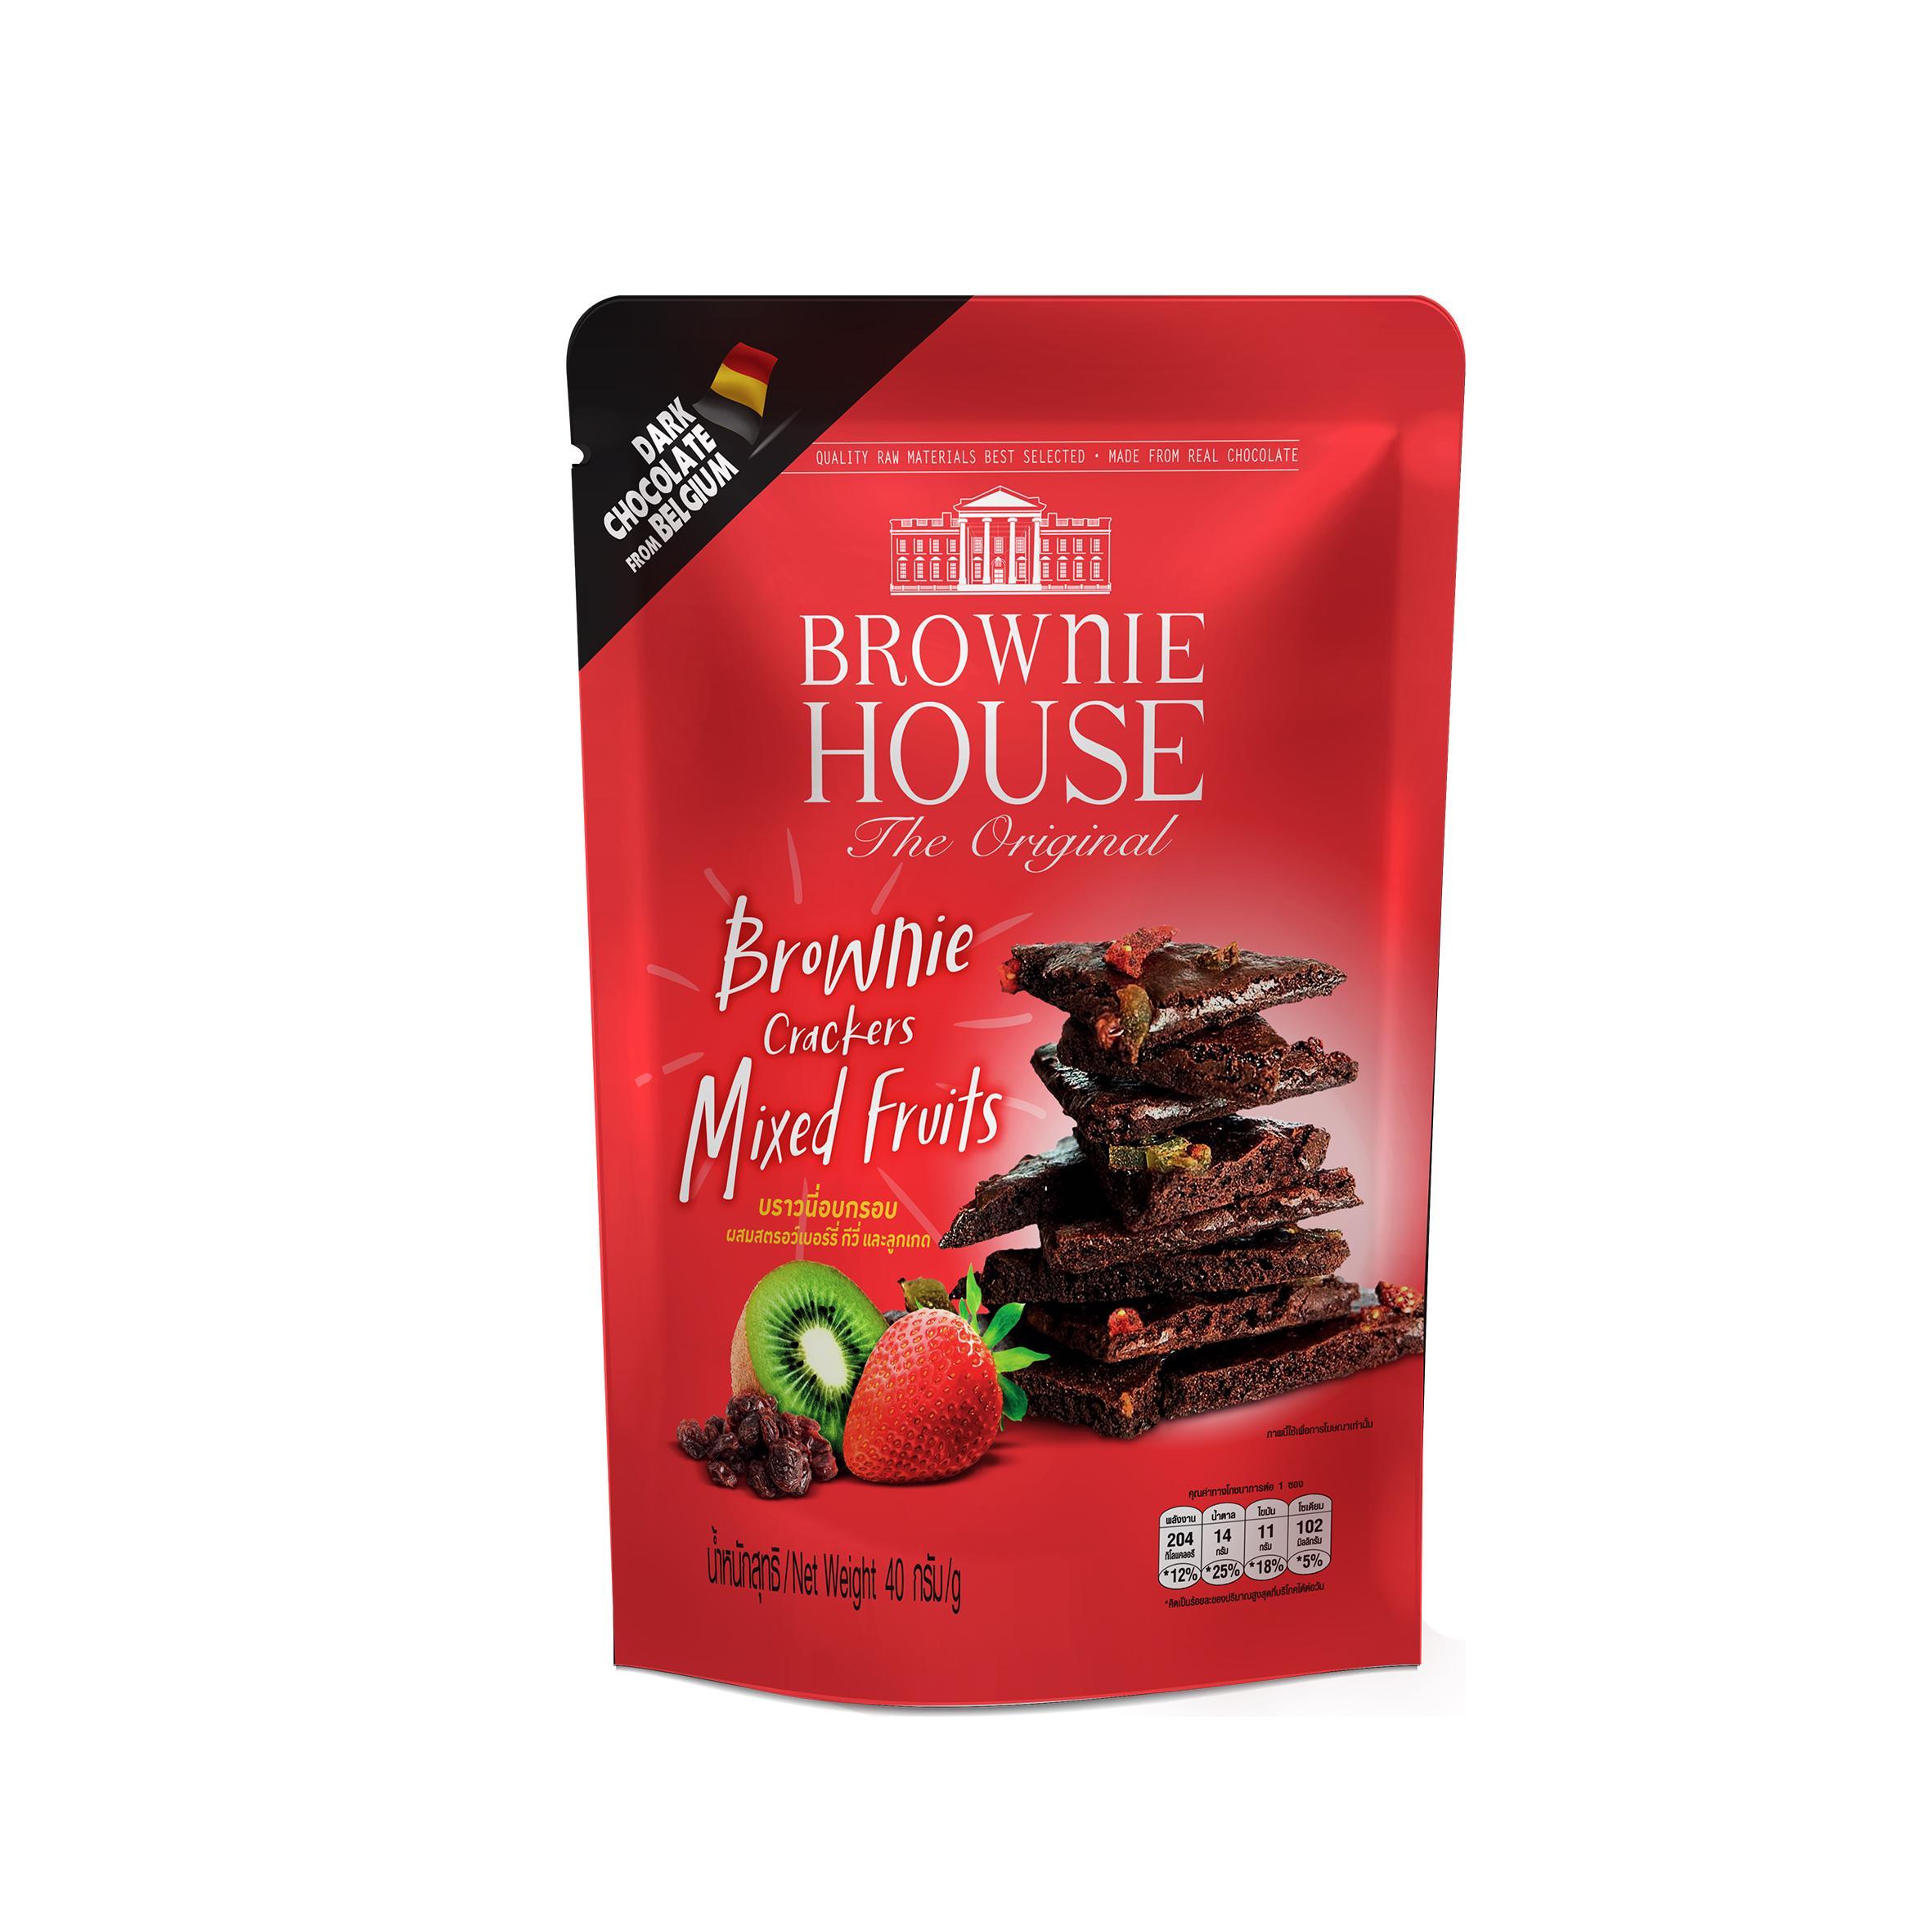 Brownie Crackers 55g X 5packs Bundle (belgian Dark Choc With Frutis) - Brownie House The Original By Nomlah Trading.